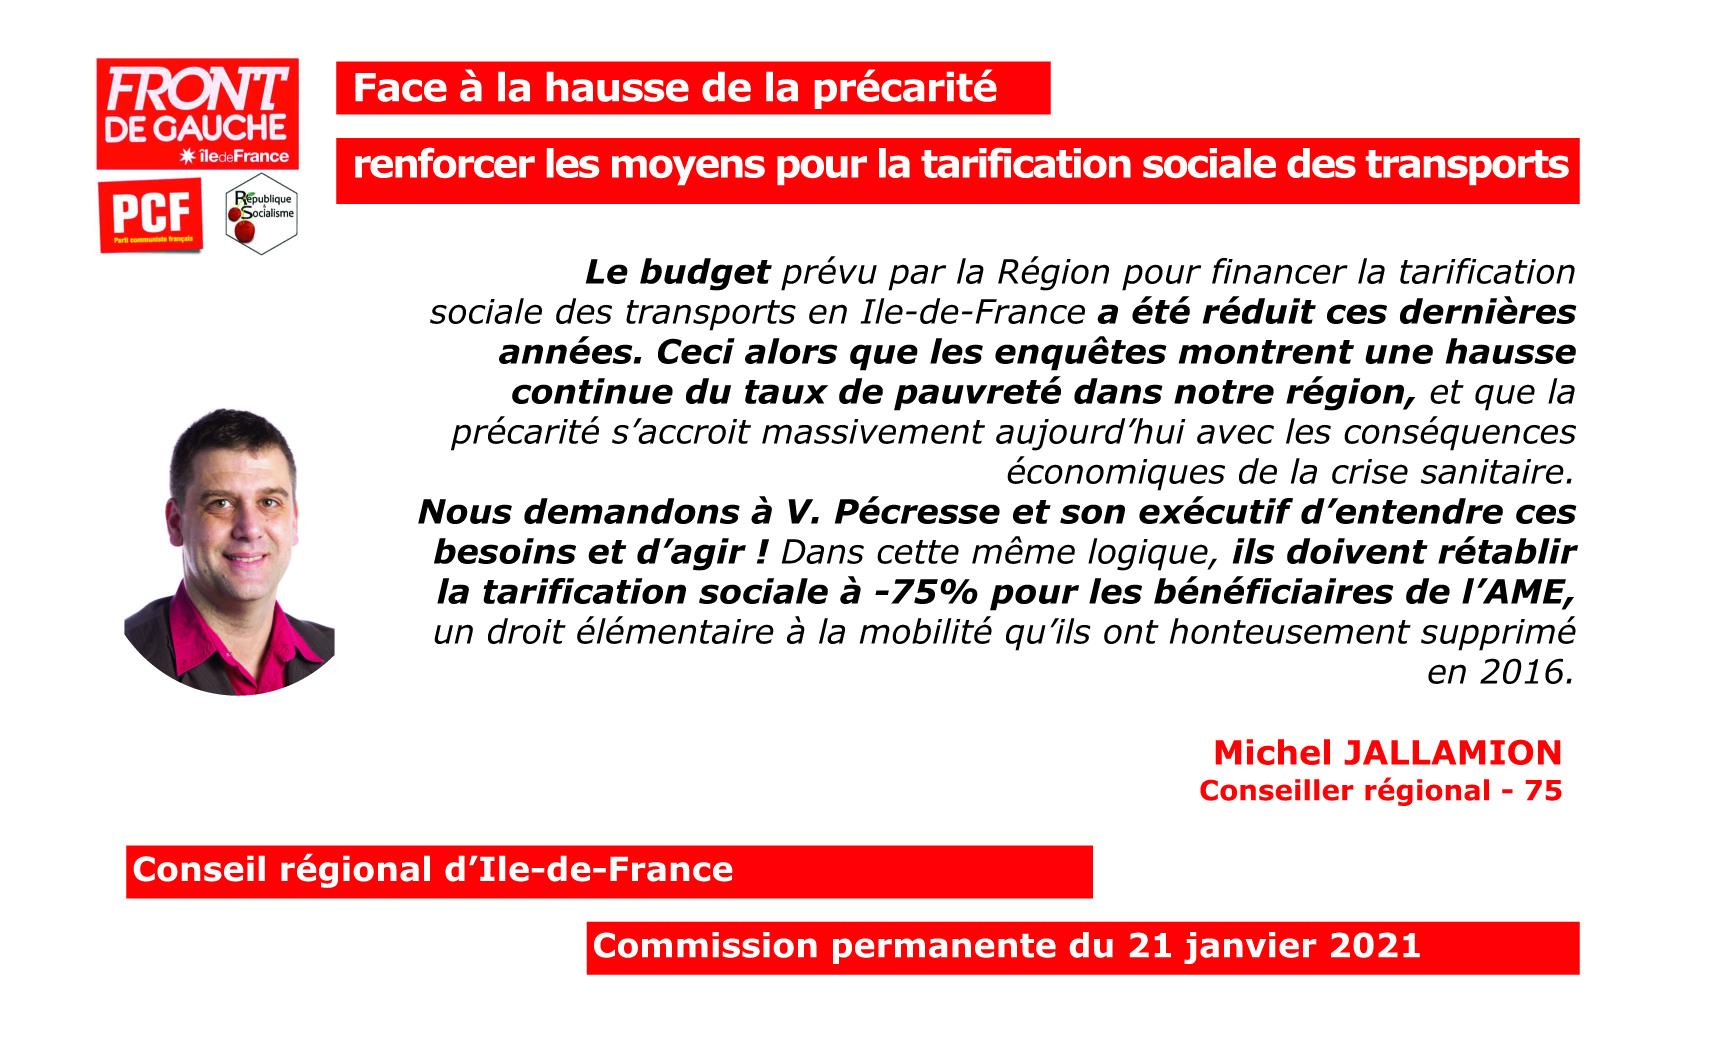 Michel tarification sociale dans les transports